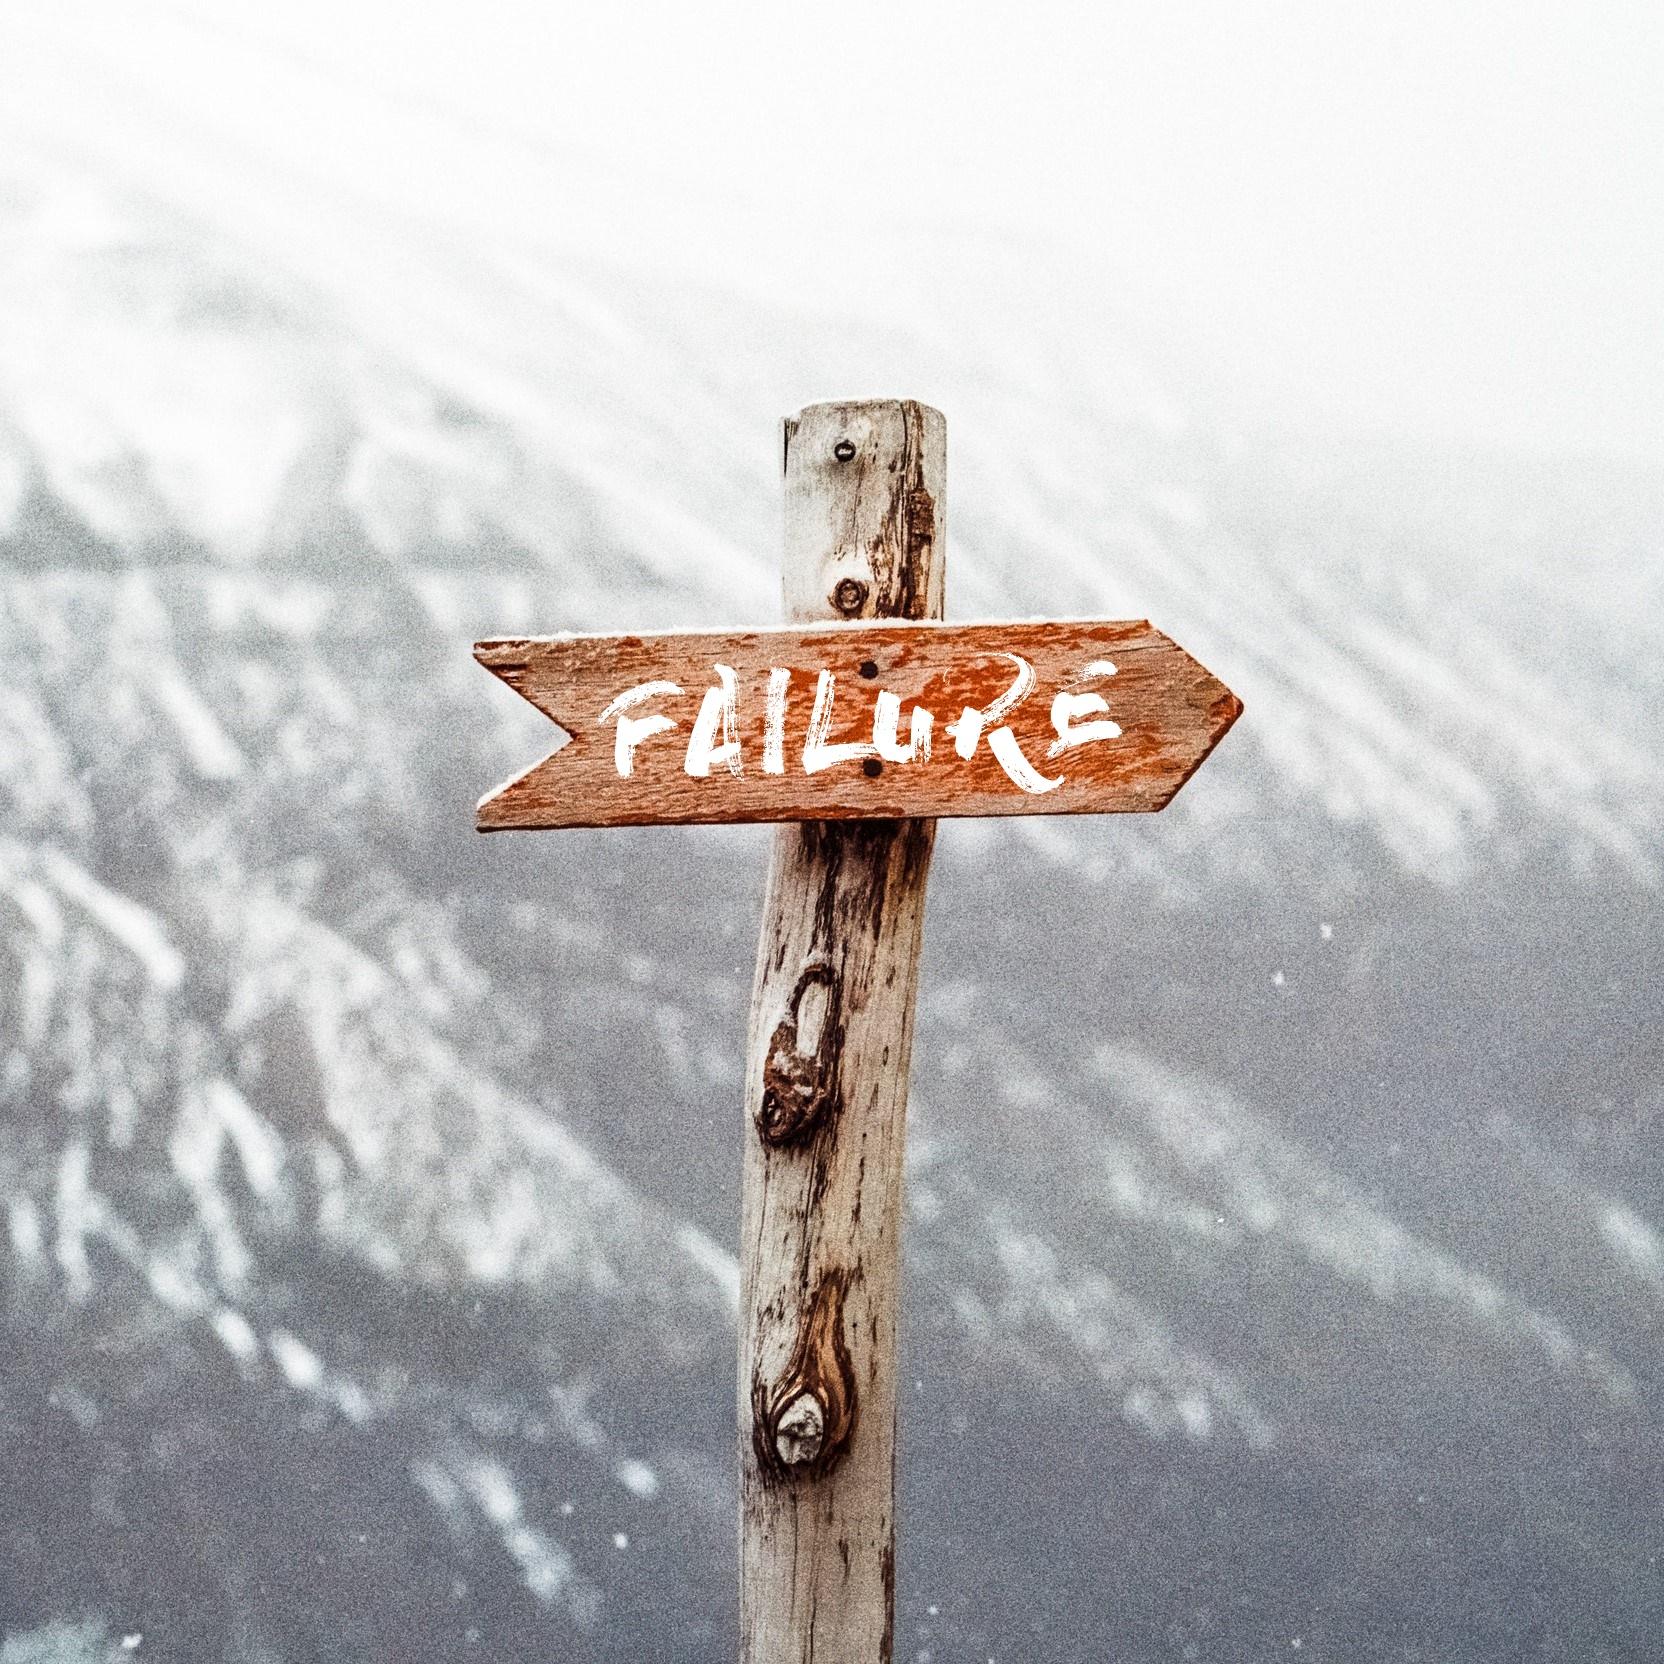 Failure-arrow